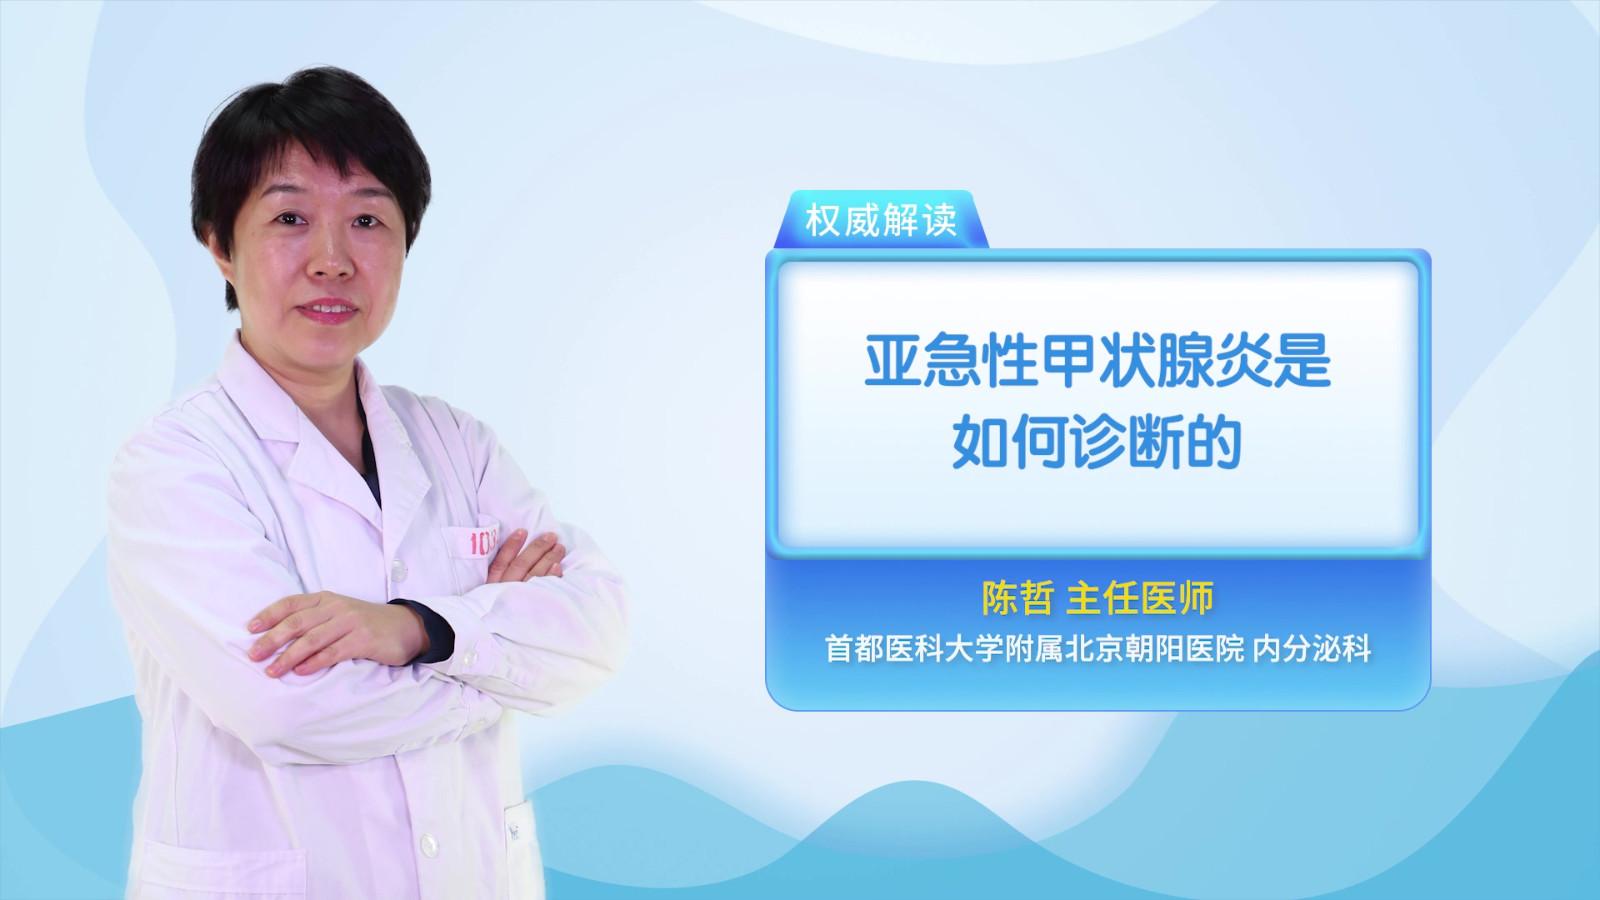 亚急性甲状腺炎是如何诊断的